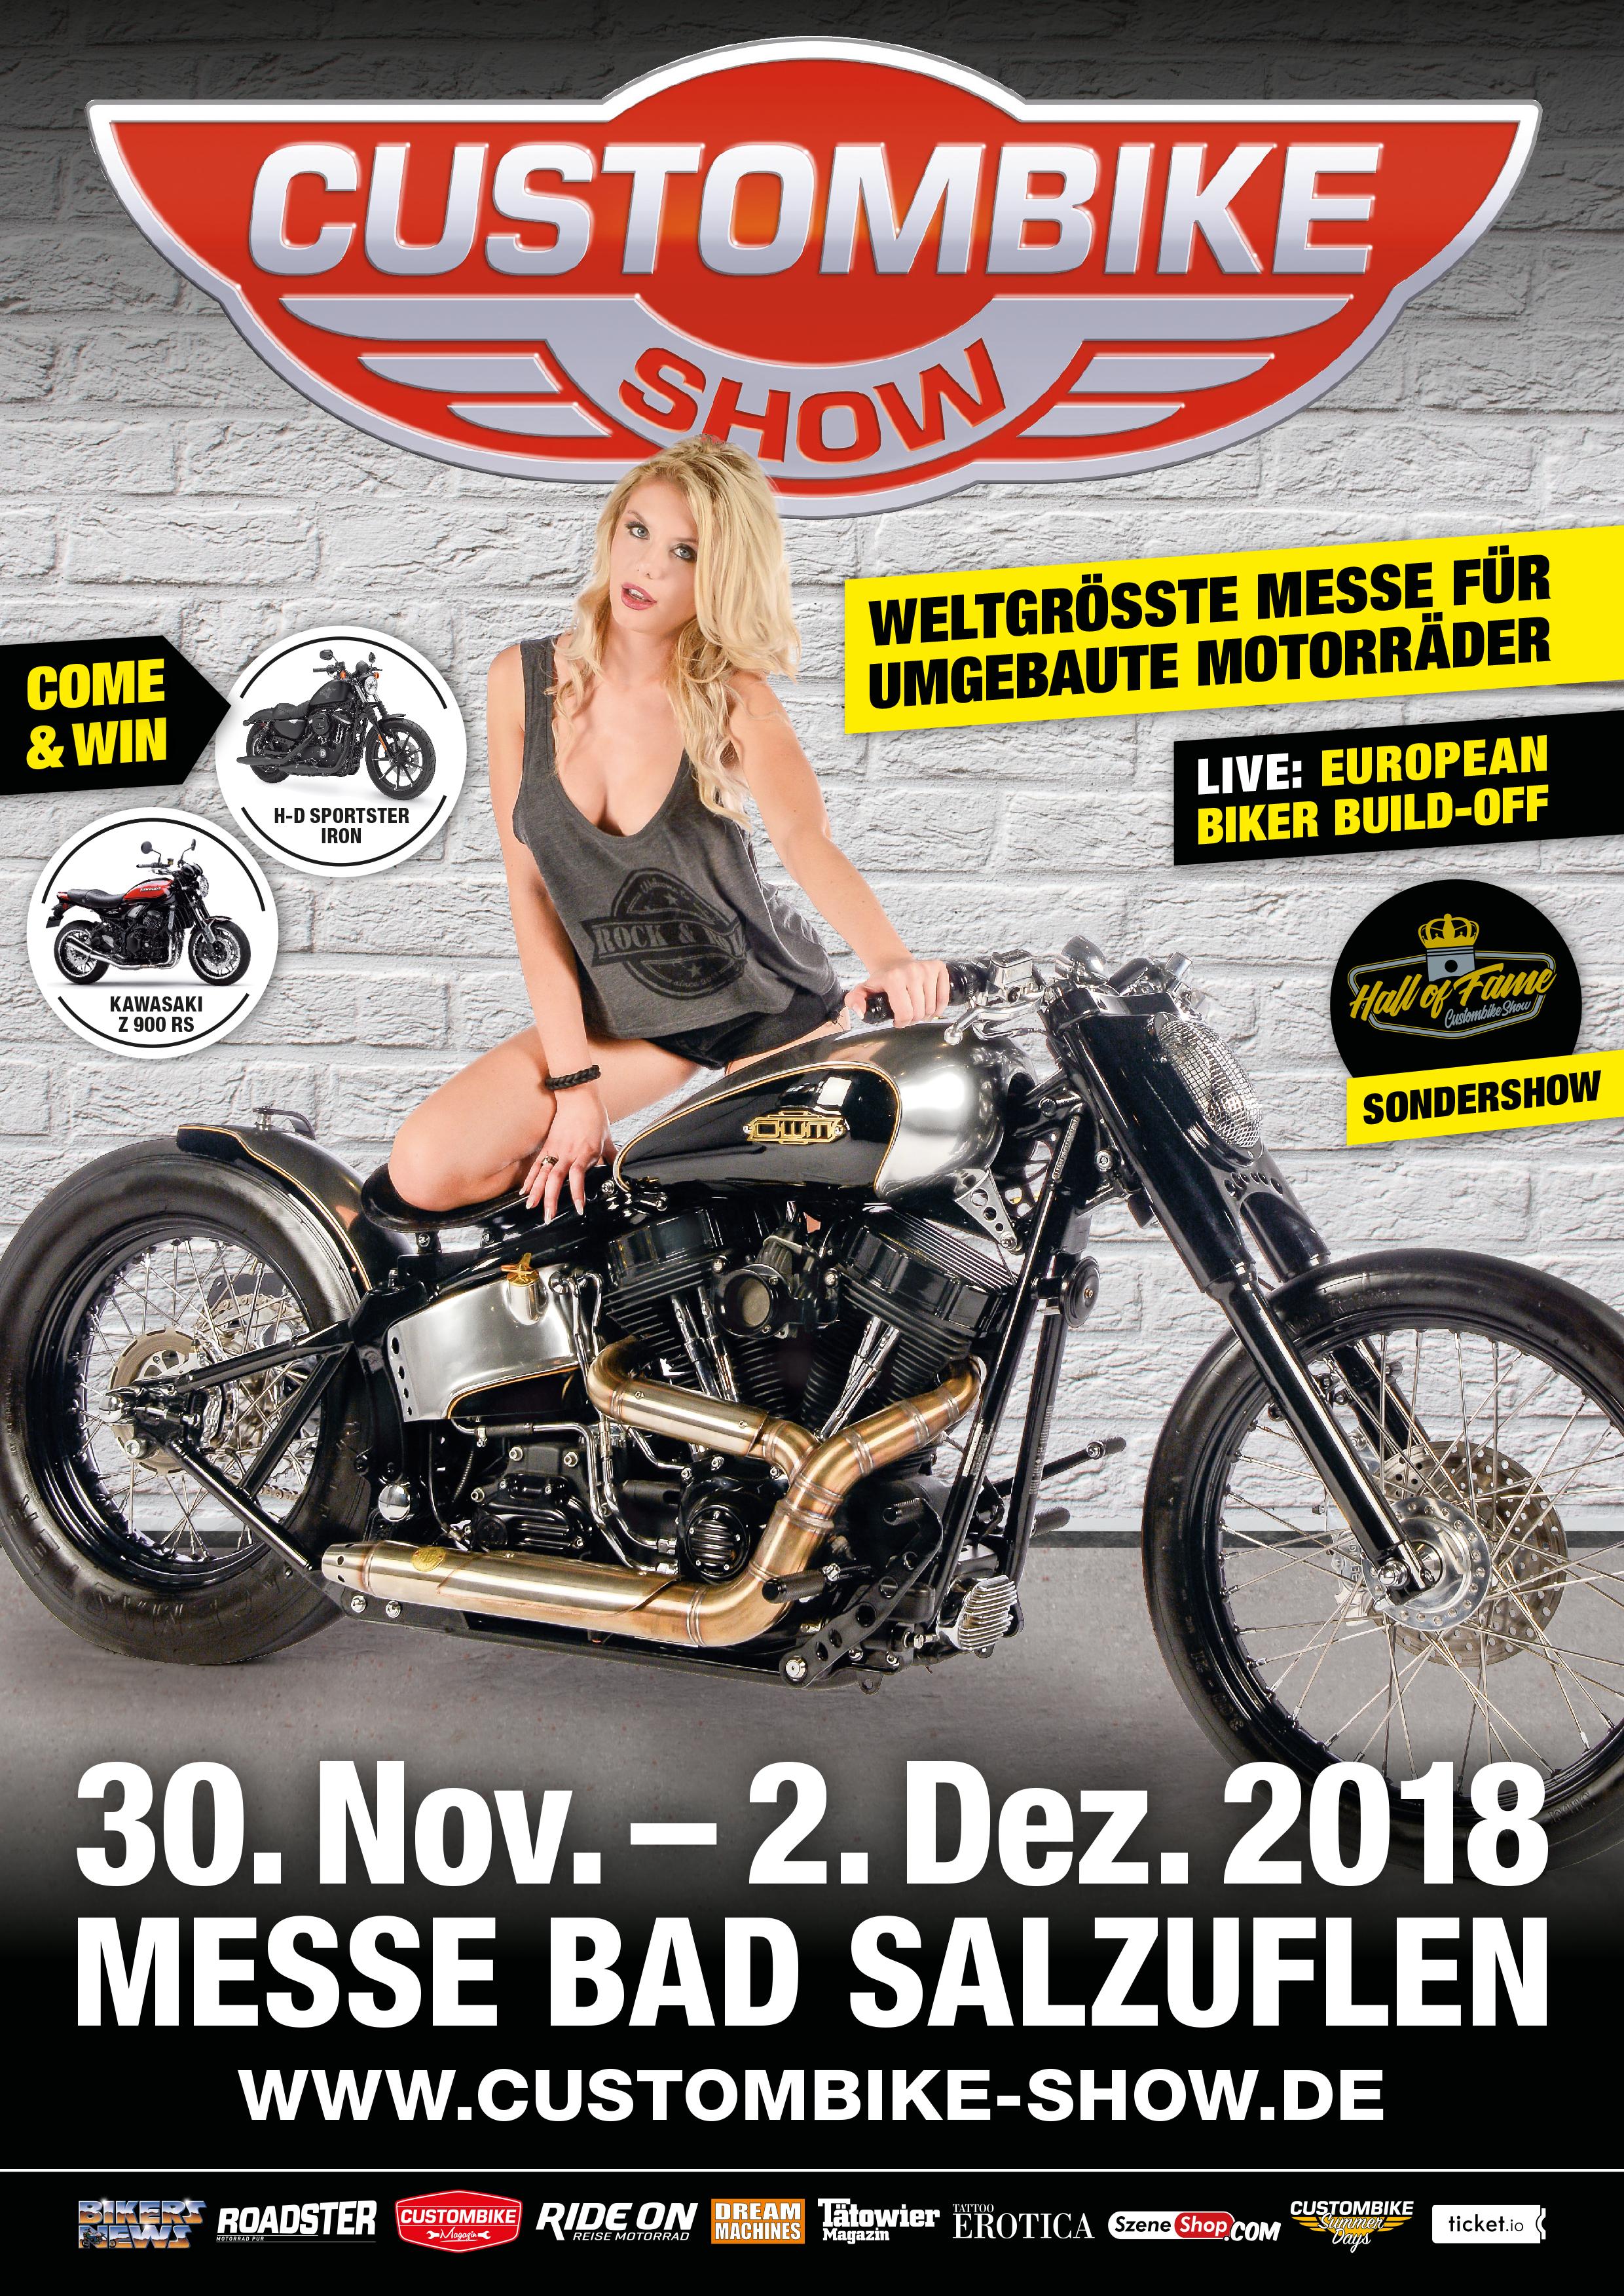 custombike_show